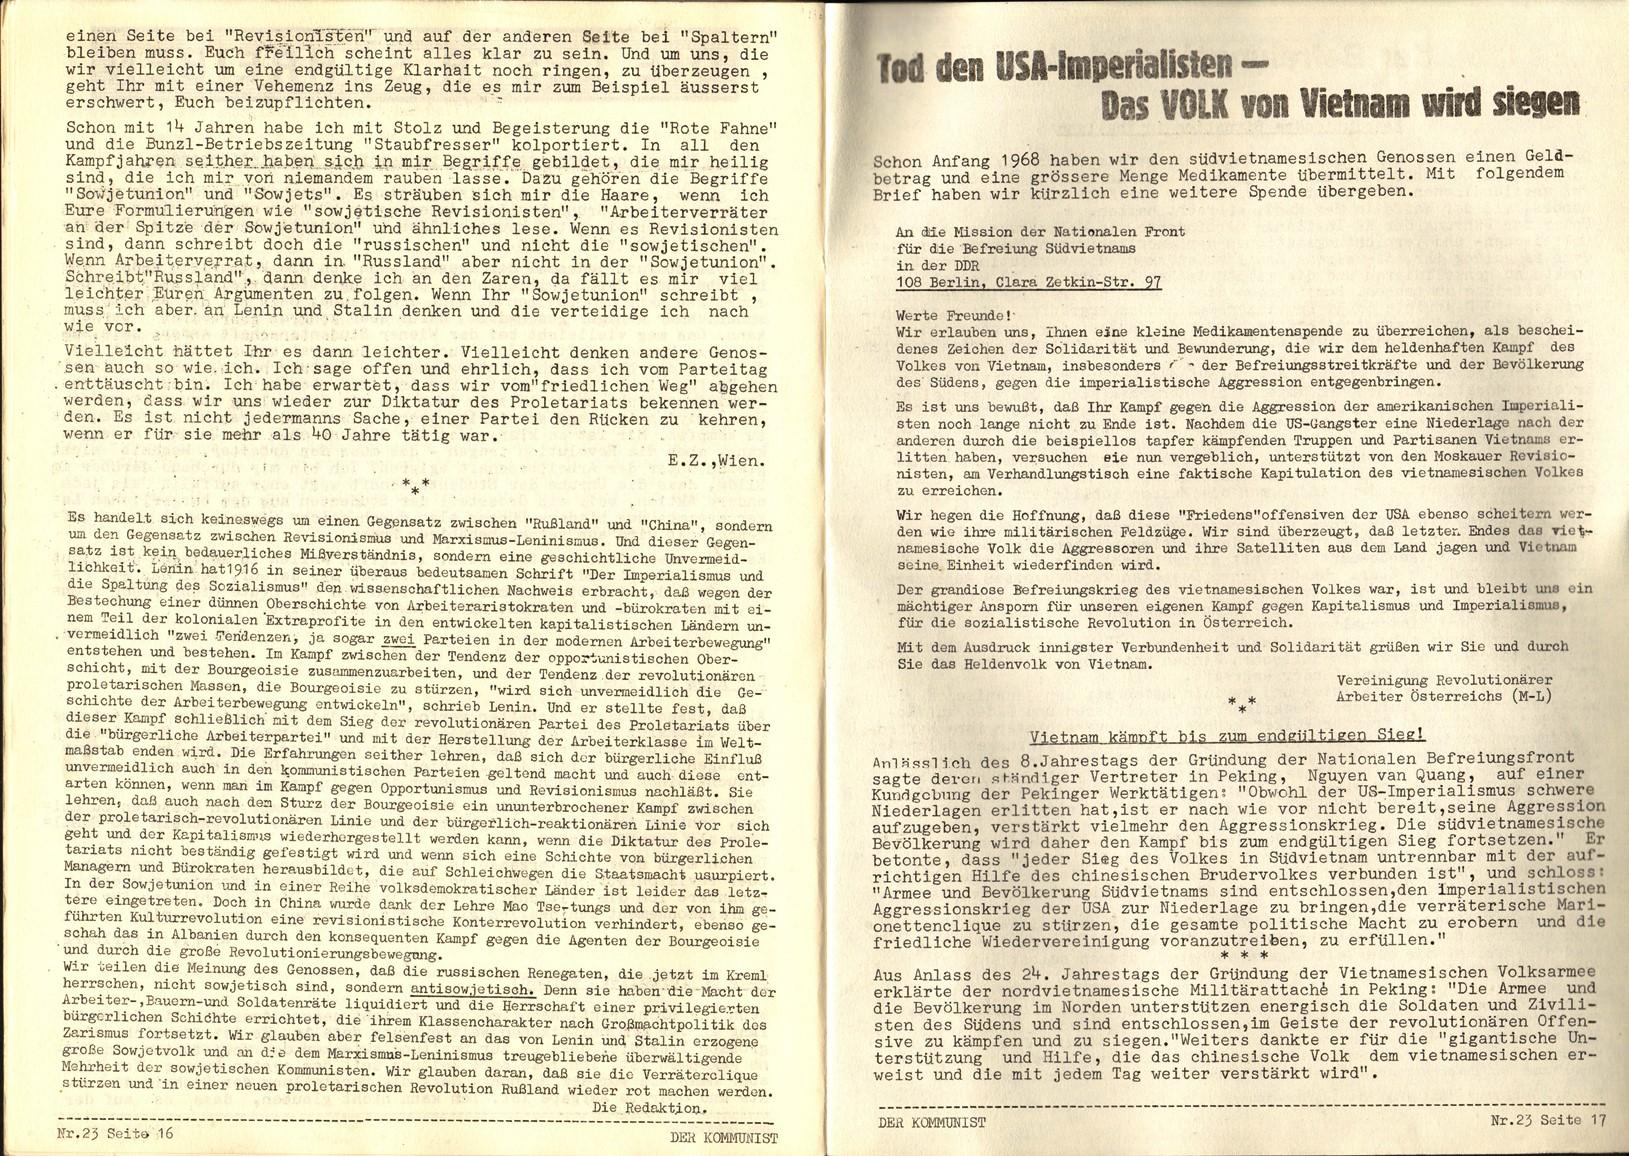 VRA_Der_Kommunist_19690100_09